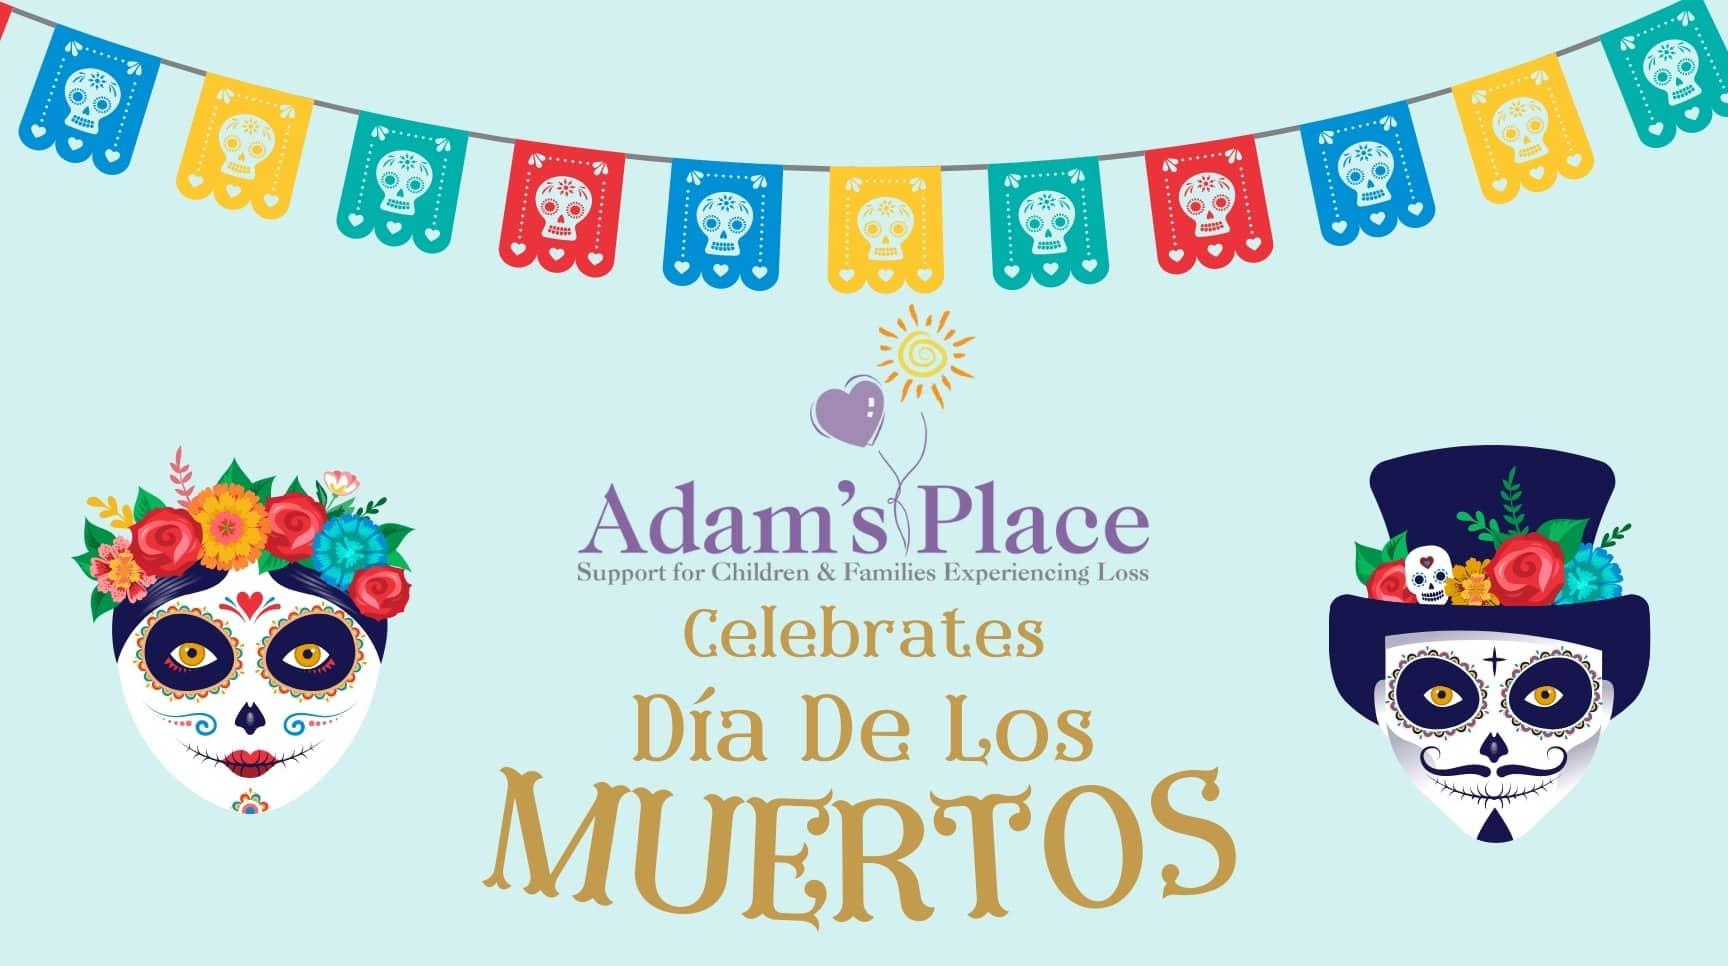 Dia De Los Muertos Holiday Poster